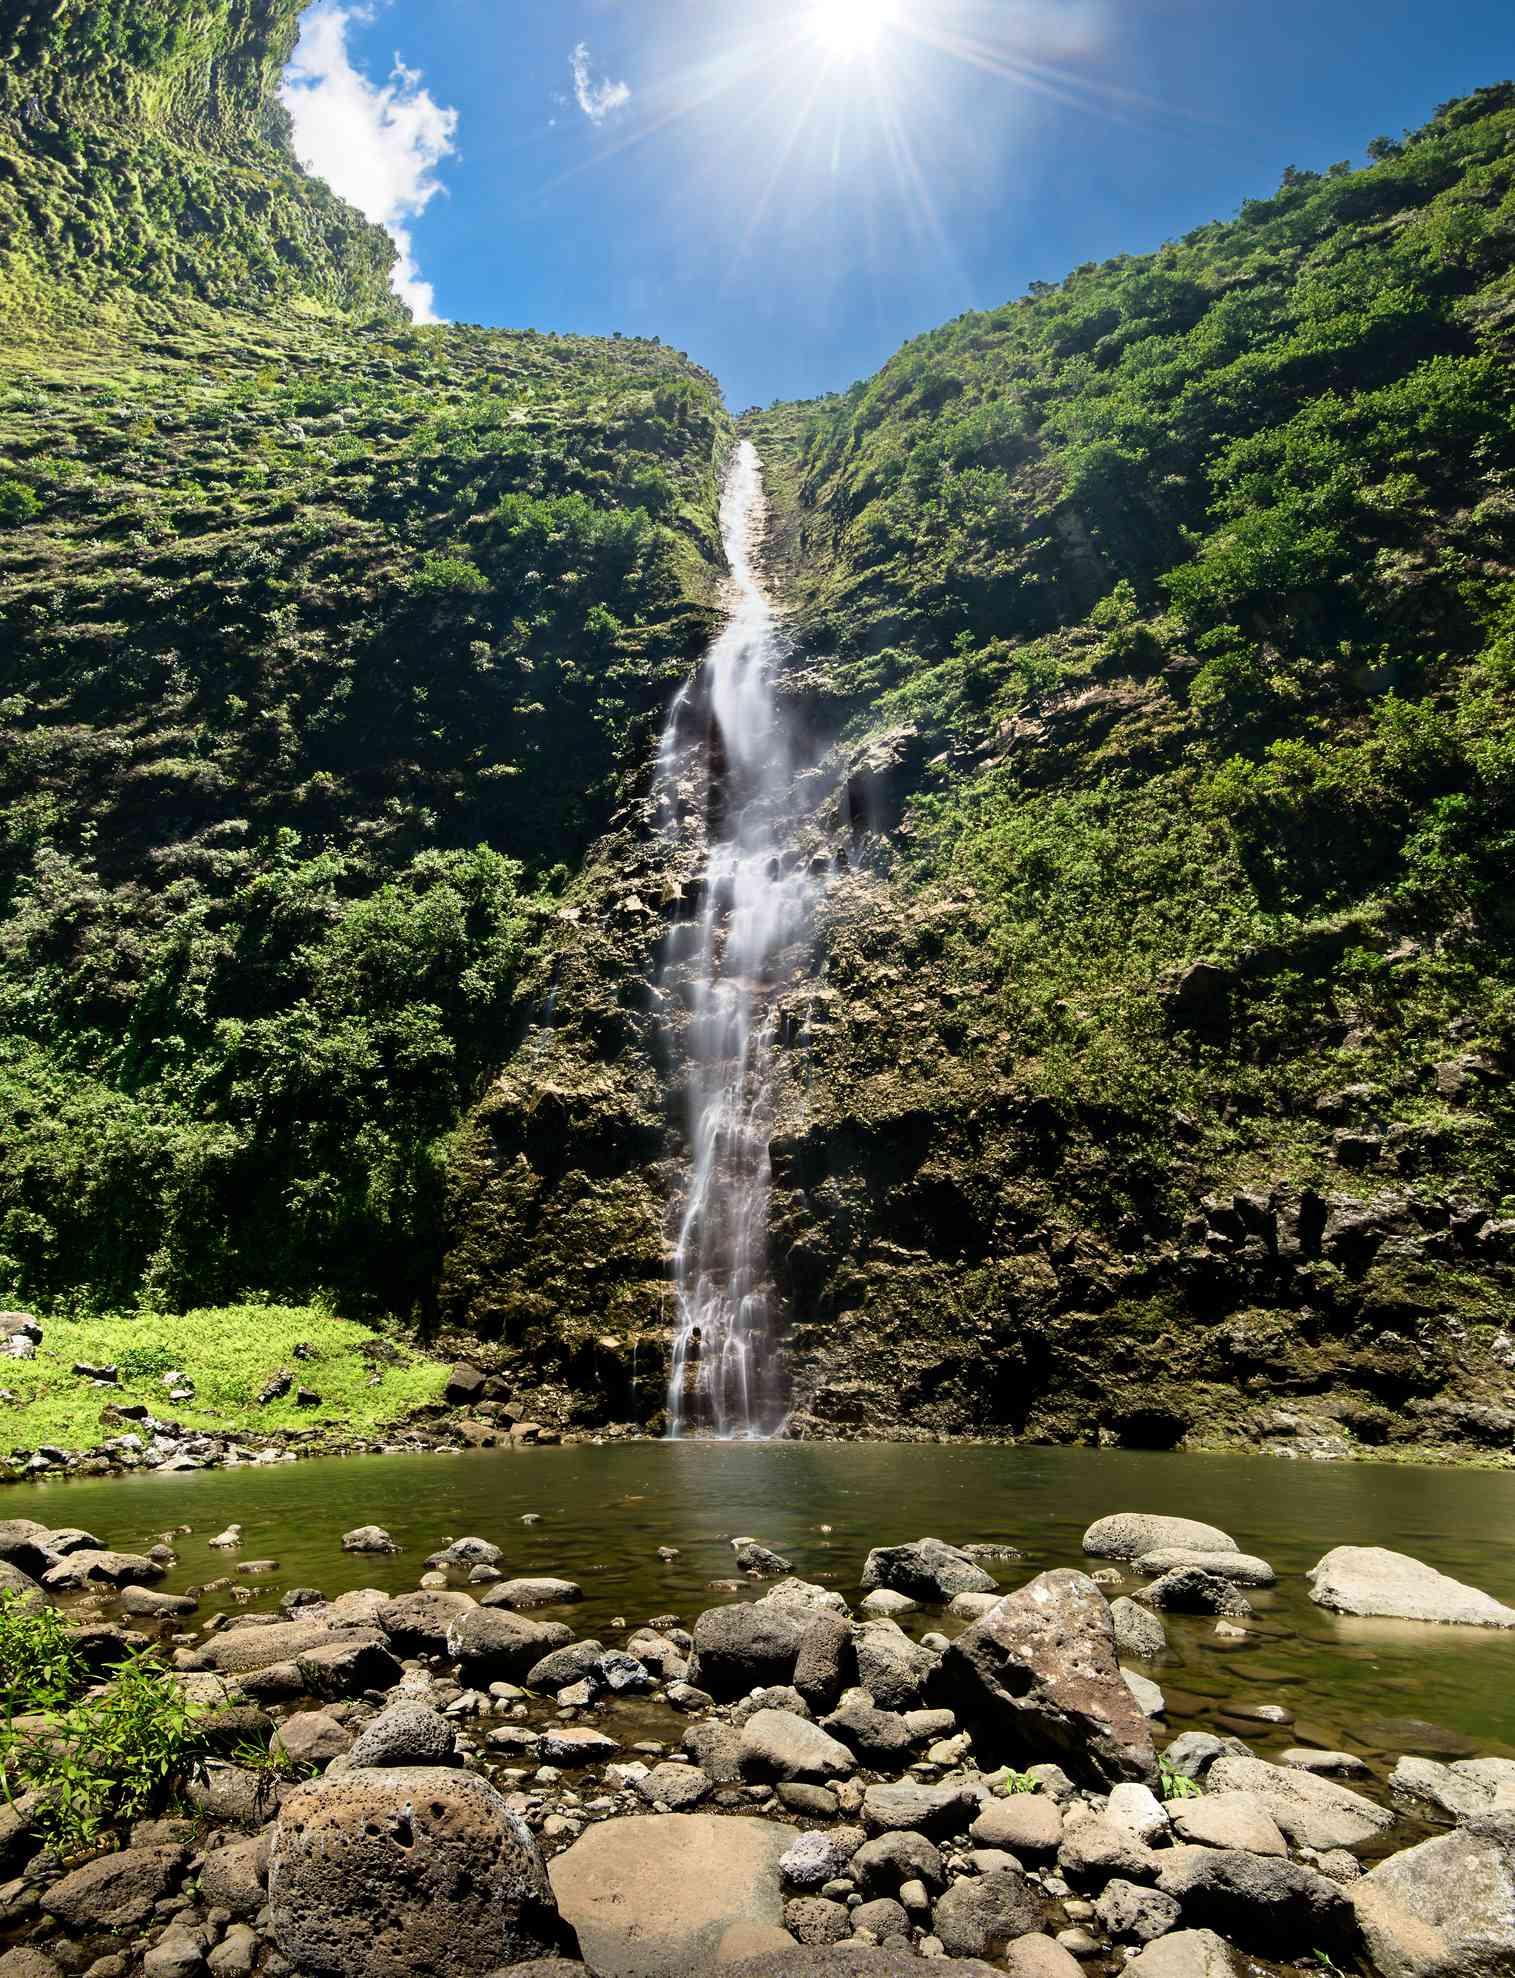 Hanakoa Falls in Hanakoa Valley